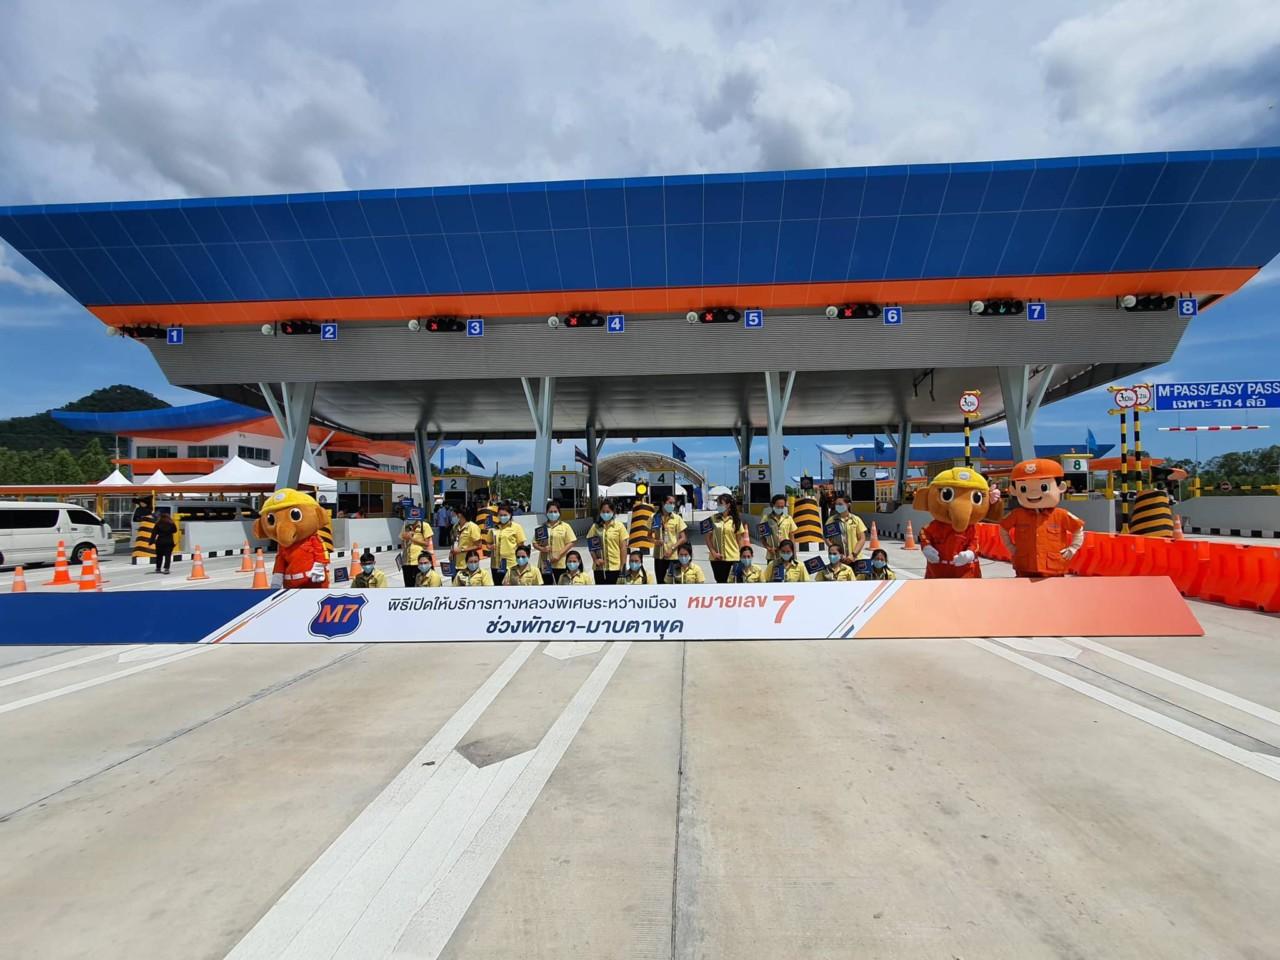 В Таиланде запустили новый участок автомагистрали № 7 Паттайя — Маптапут